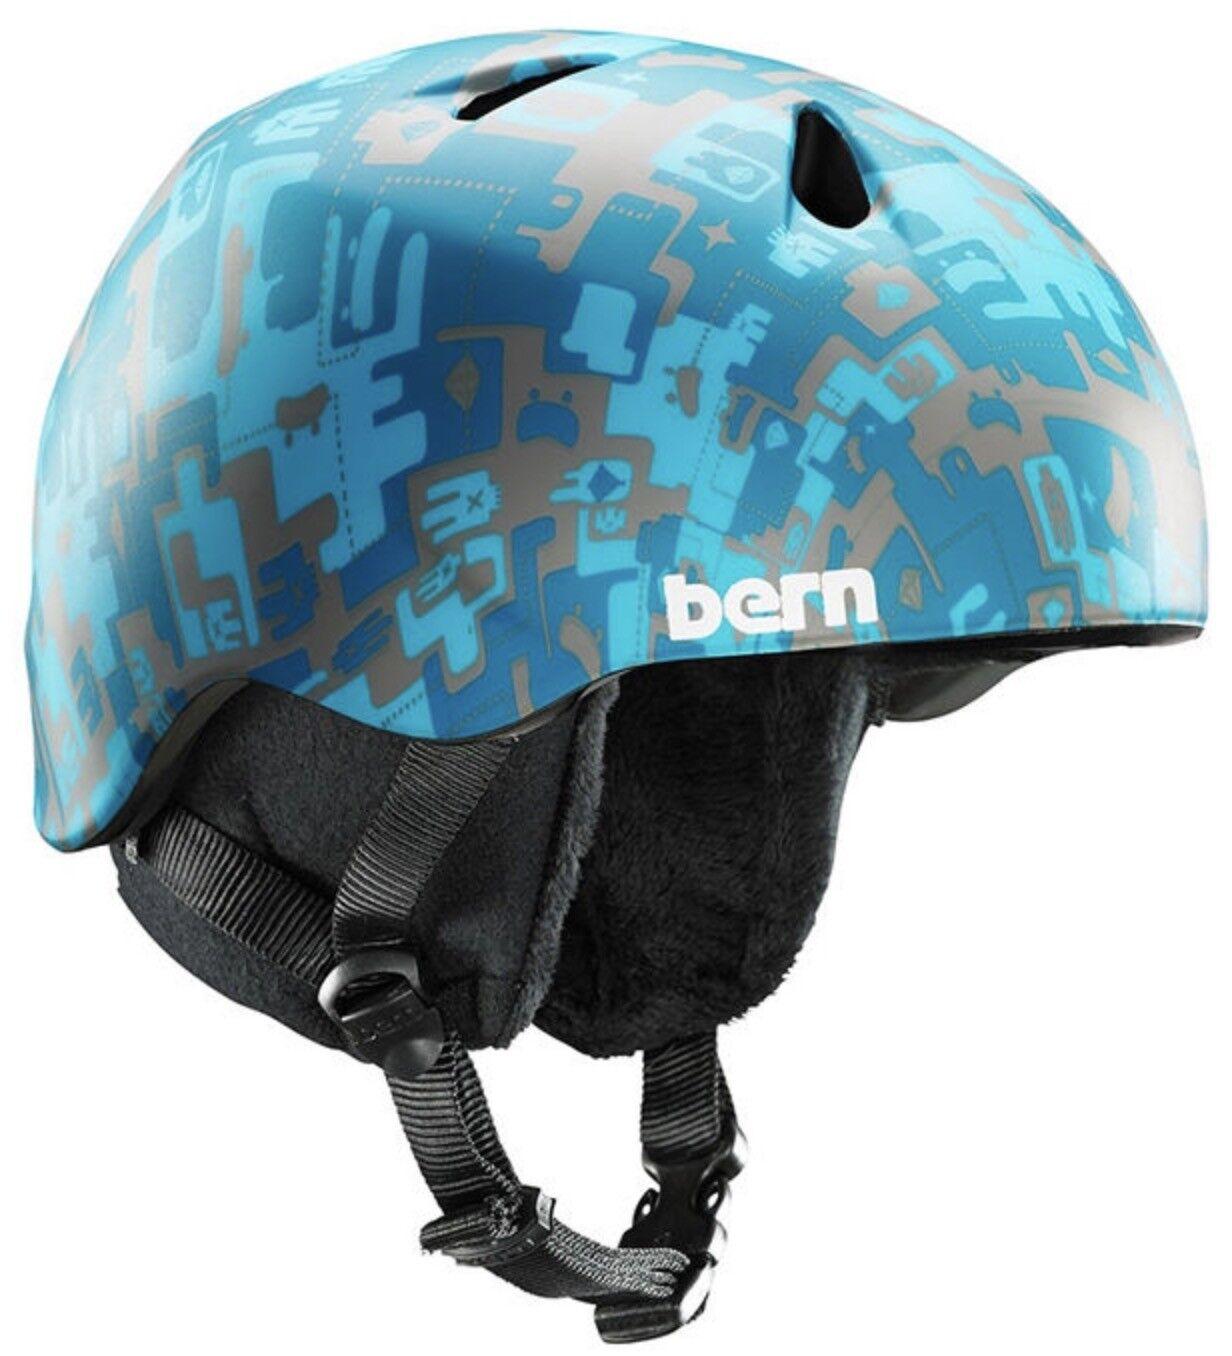 Bern Nino Jungen Kinder Schnee Fahrrad Fahrrad Fahrrad Skate Helm Blau Camo XS-S 48-51 5 Cm 74cf4b